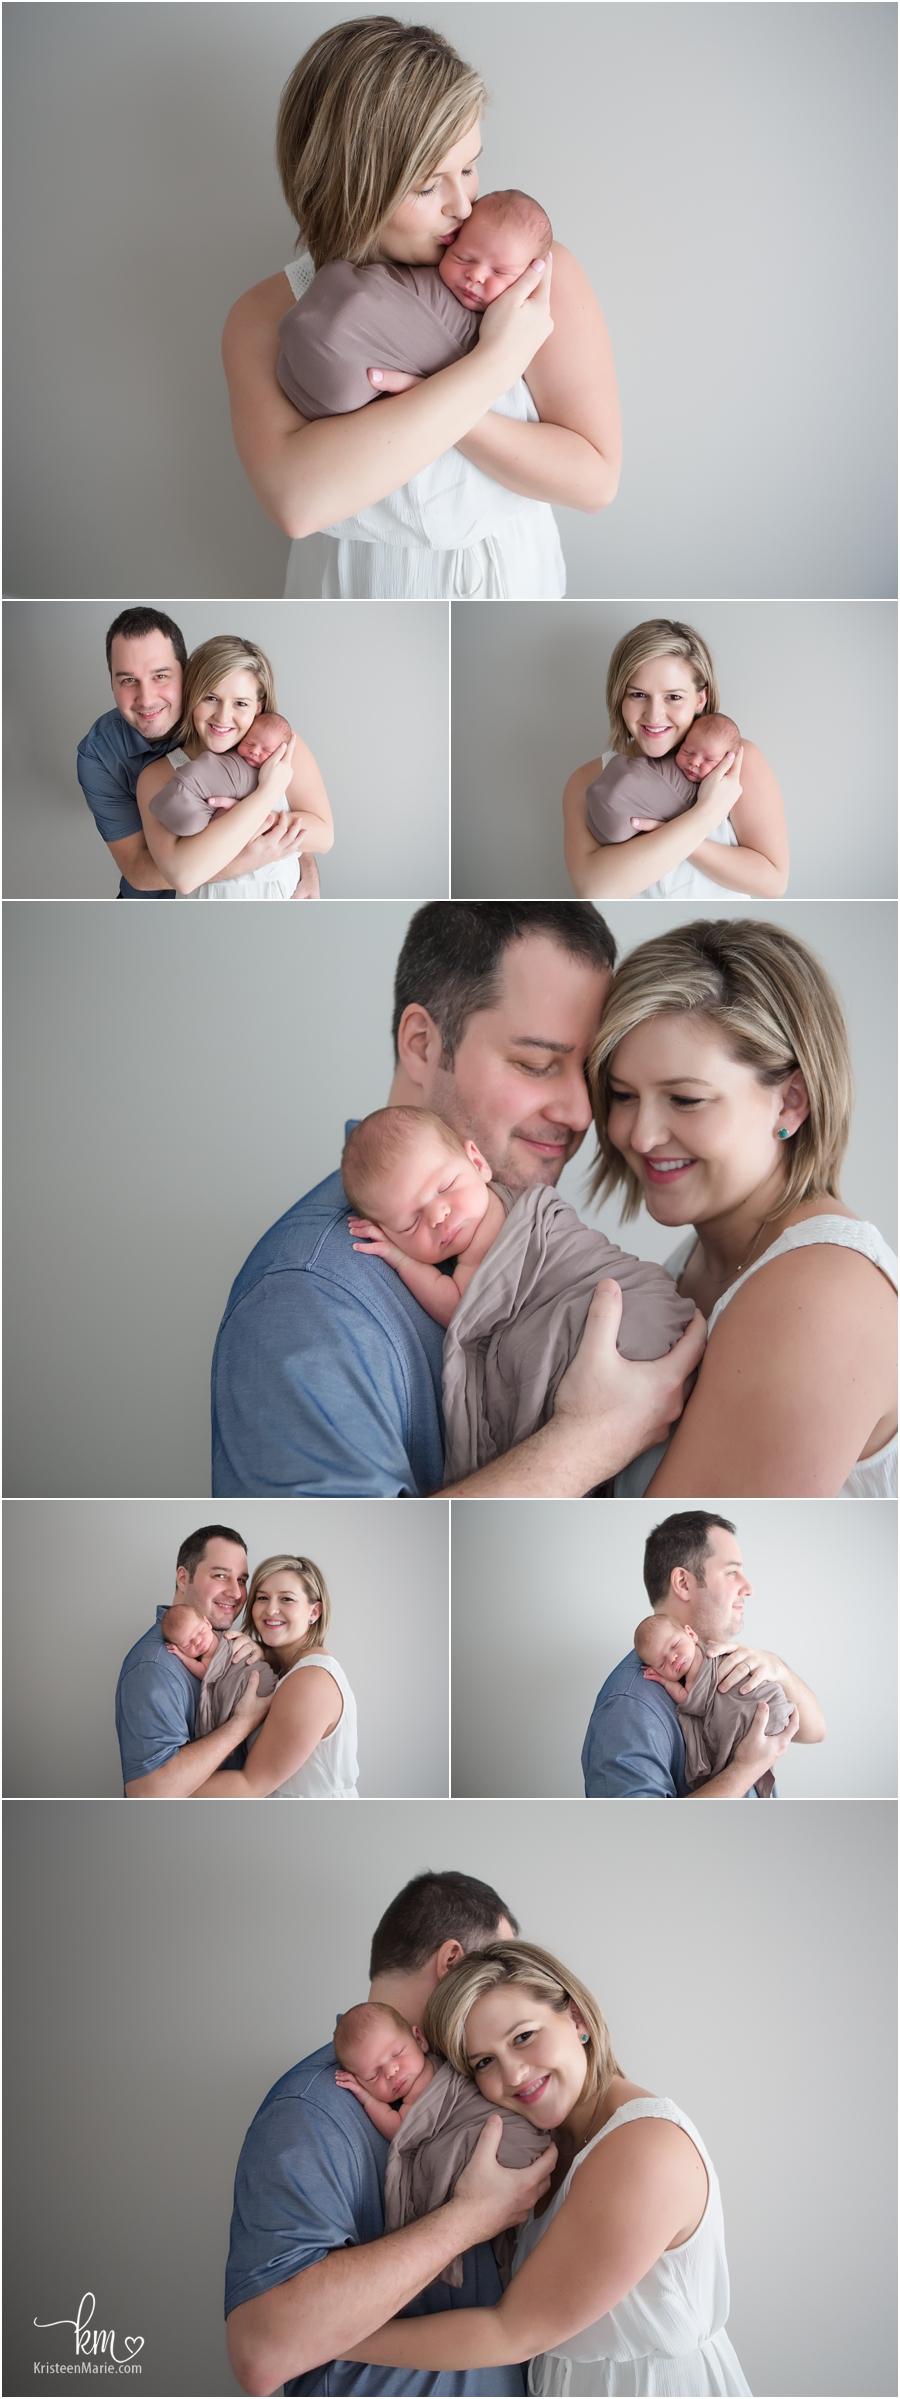 عکس های خاص روز مادر